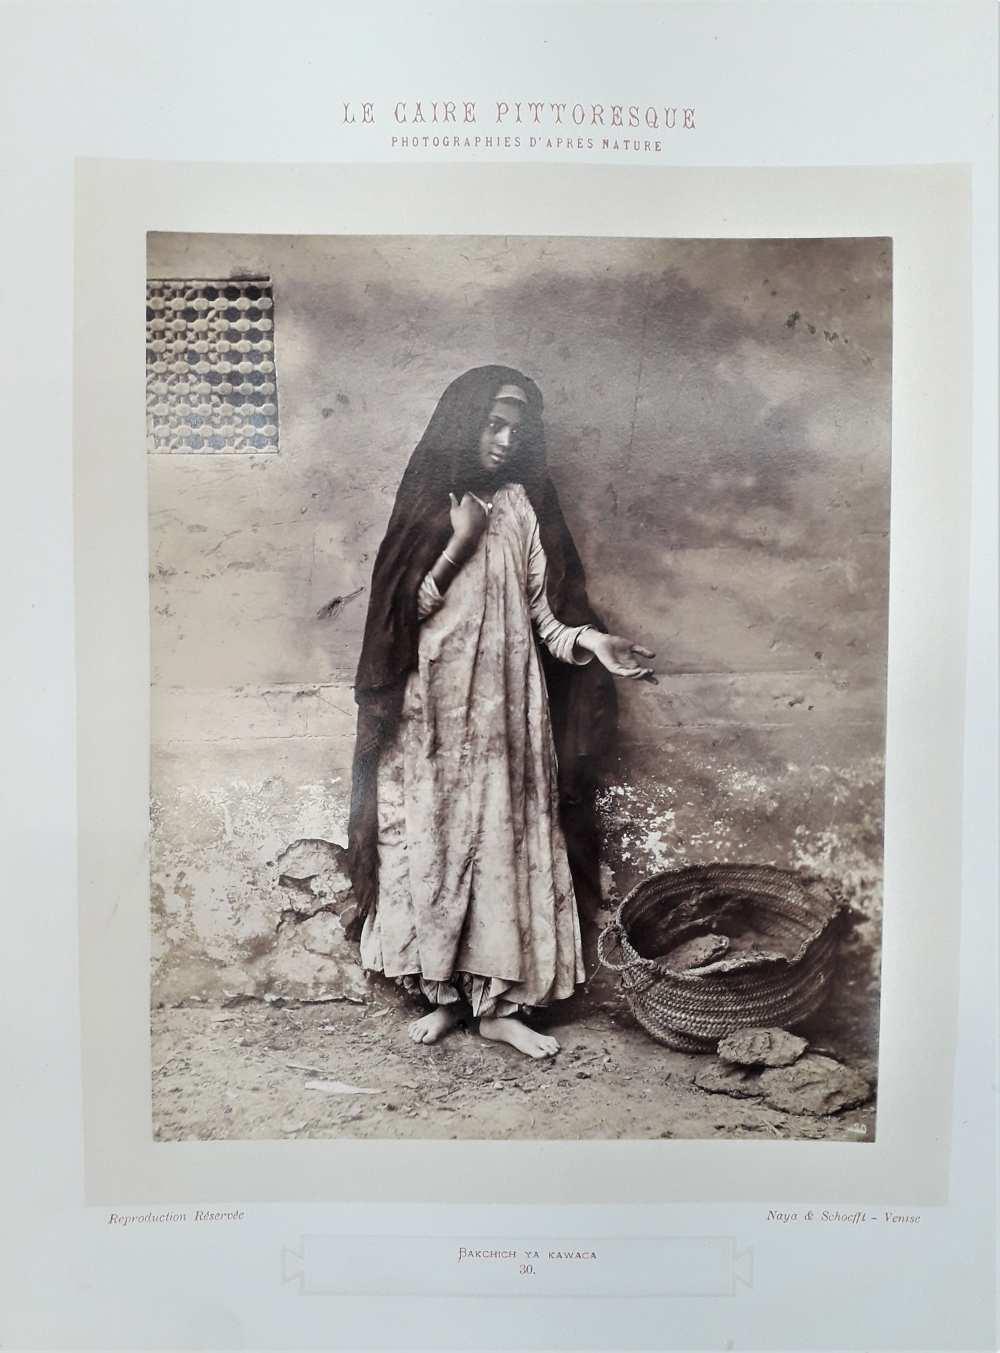 Otto Schoefft & Carlo Naya: Kairói kolduslány (Bakchich ya kawaca). Zsánerkép a Le Caire pittoresque című sorozat 30. lapja, 1875 körül. Fénykép a Dm 488 című mappából.